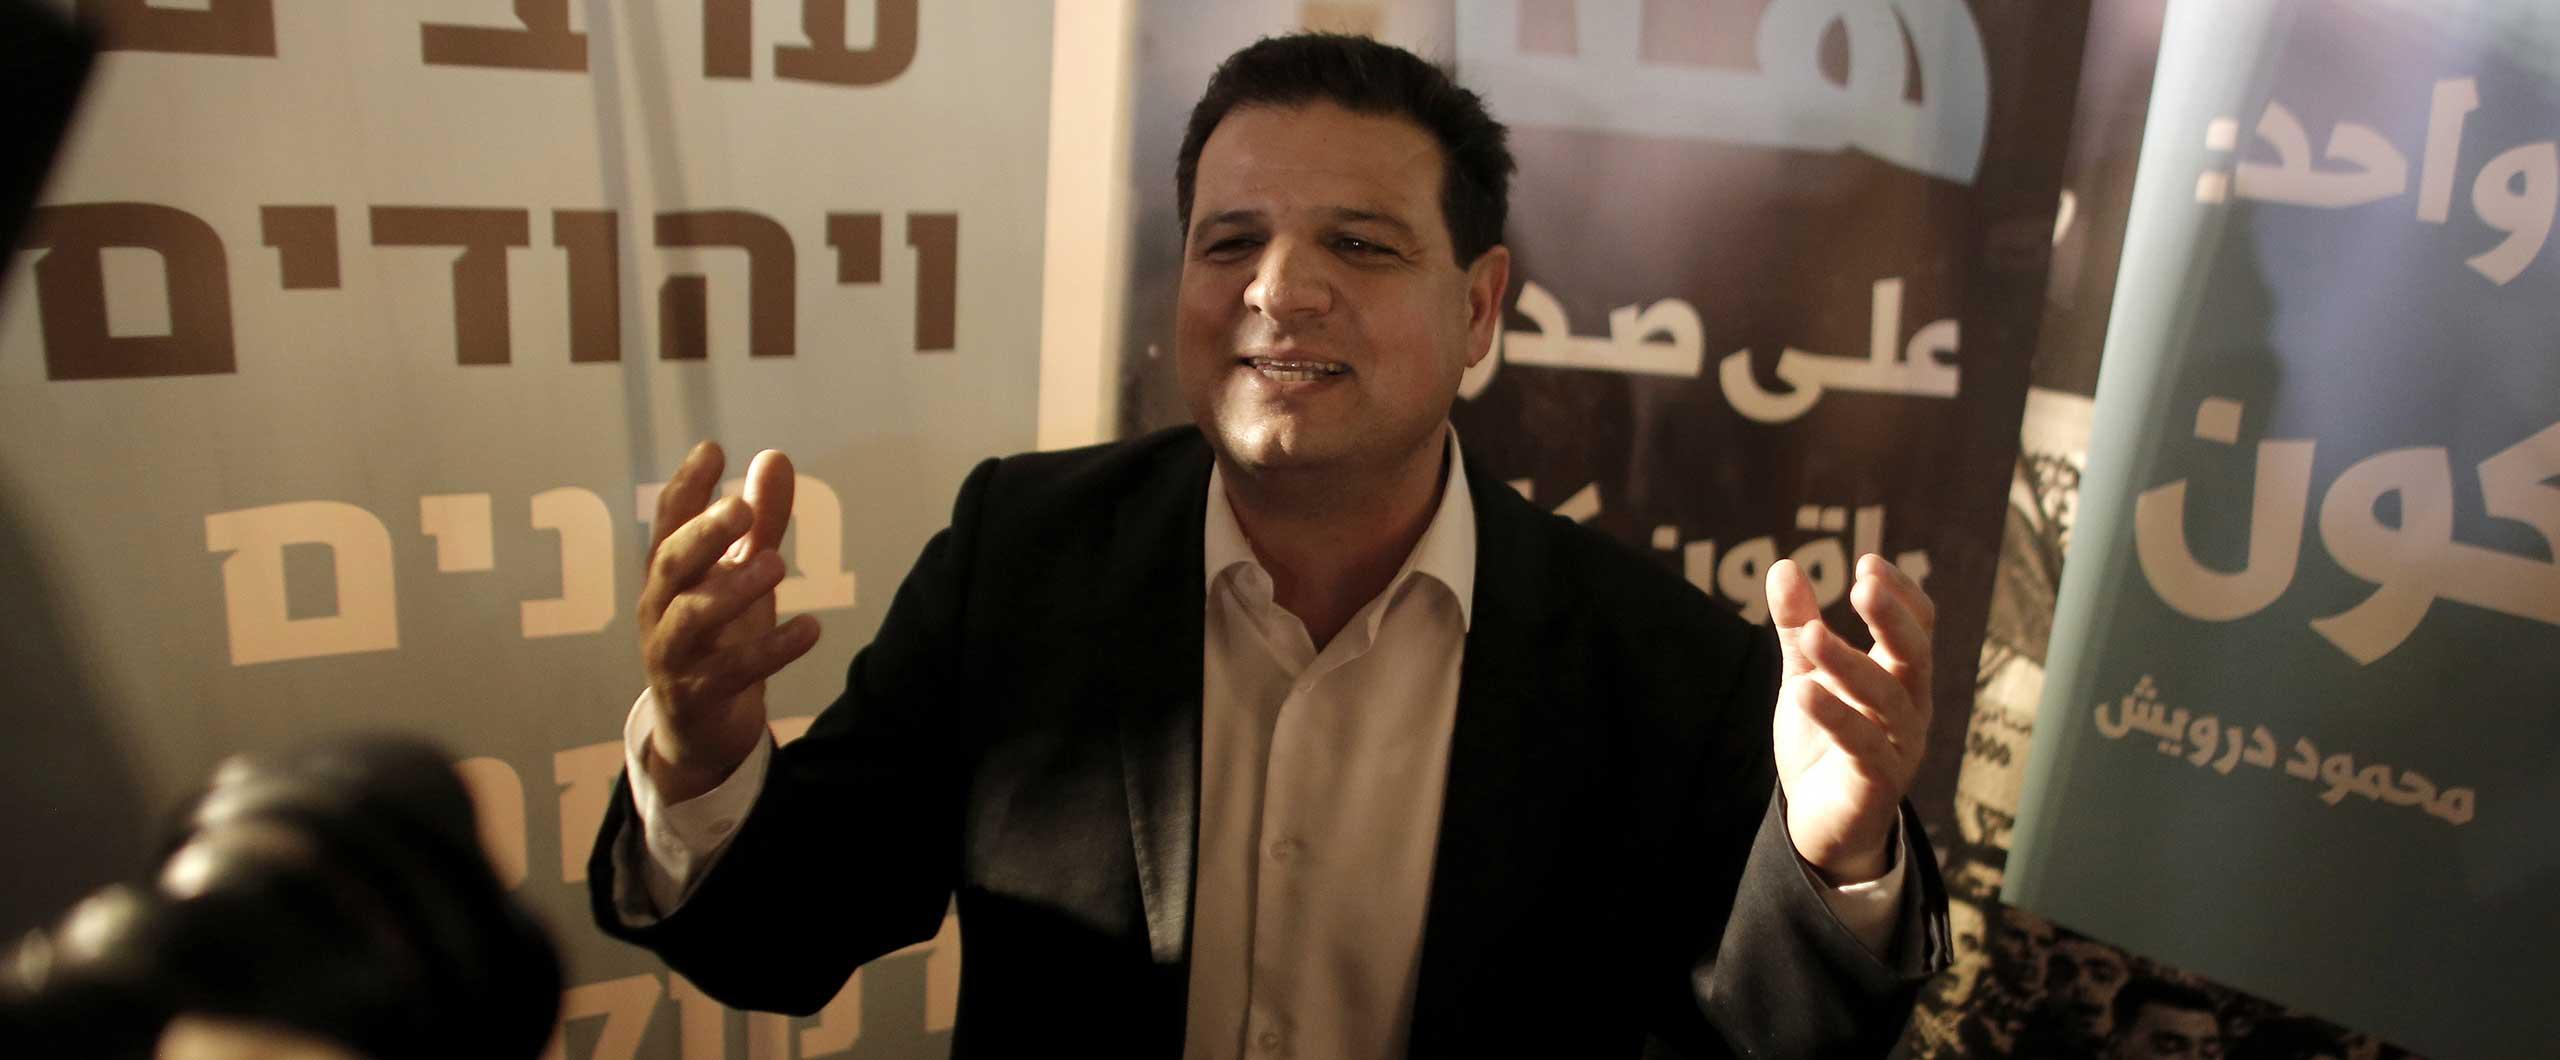 La Liste Unifiée (Communistes et partis arabes) s'impose comme troisième force politique en Israël